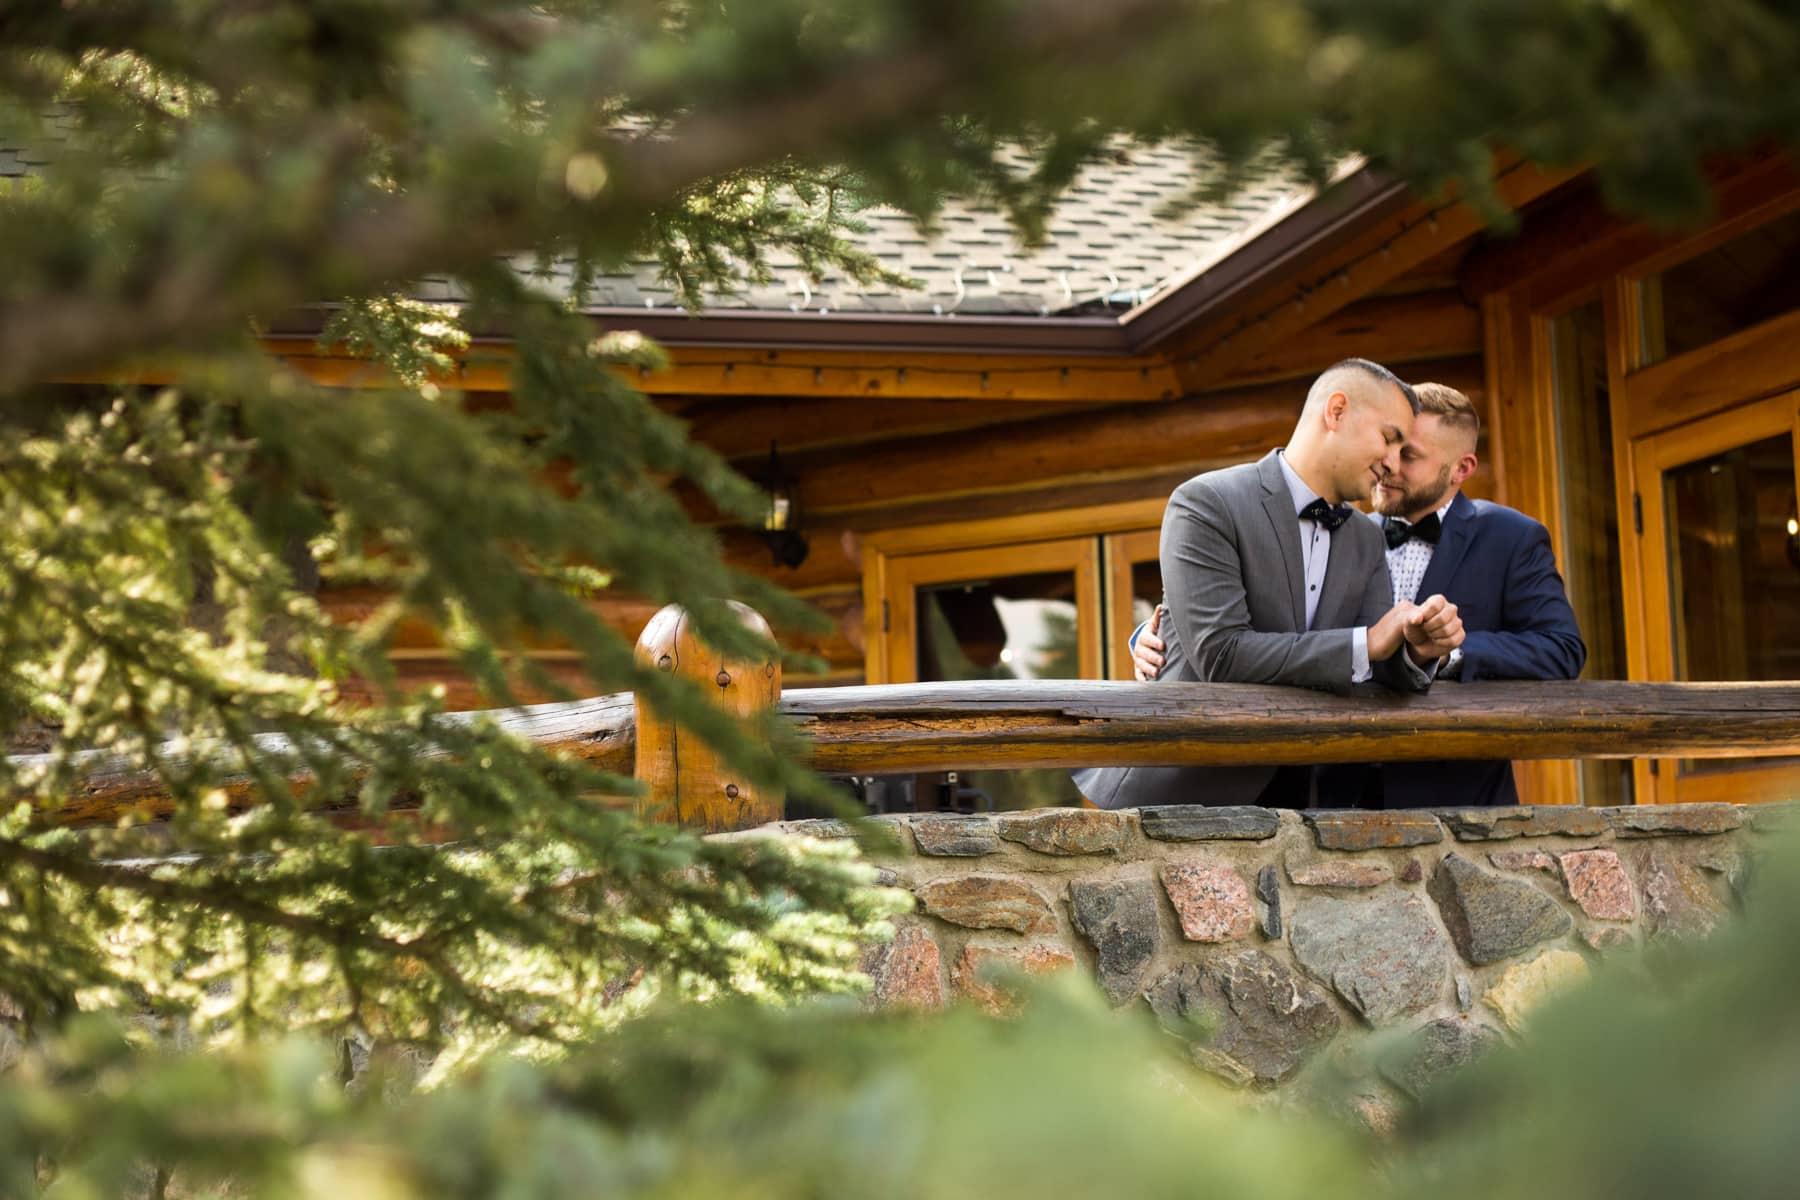 Gay Evergreen Lake House Wedding – Colorado LGBTQ Wedding Photos